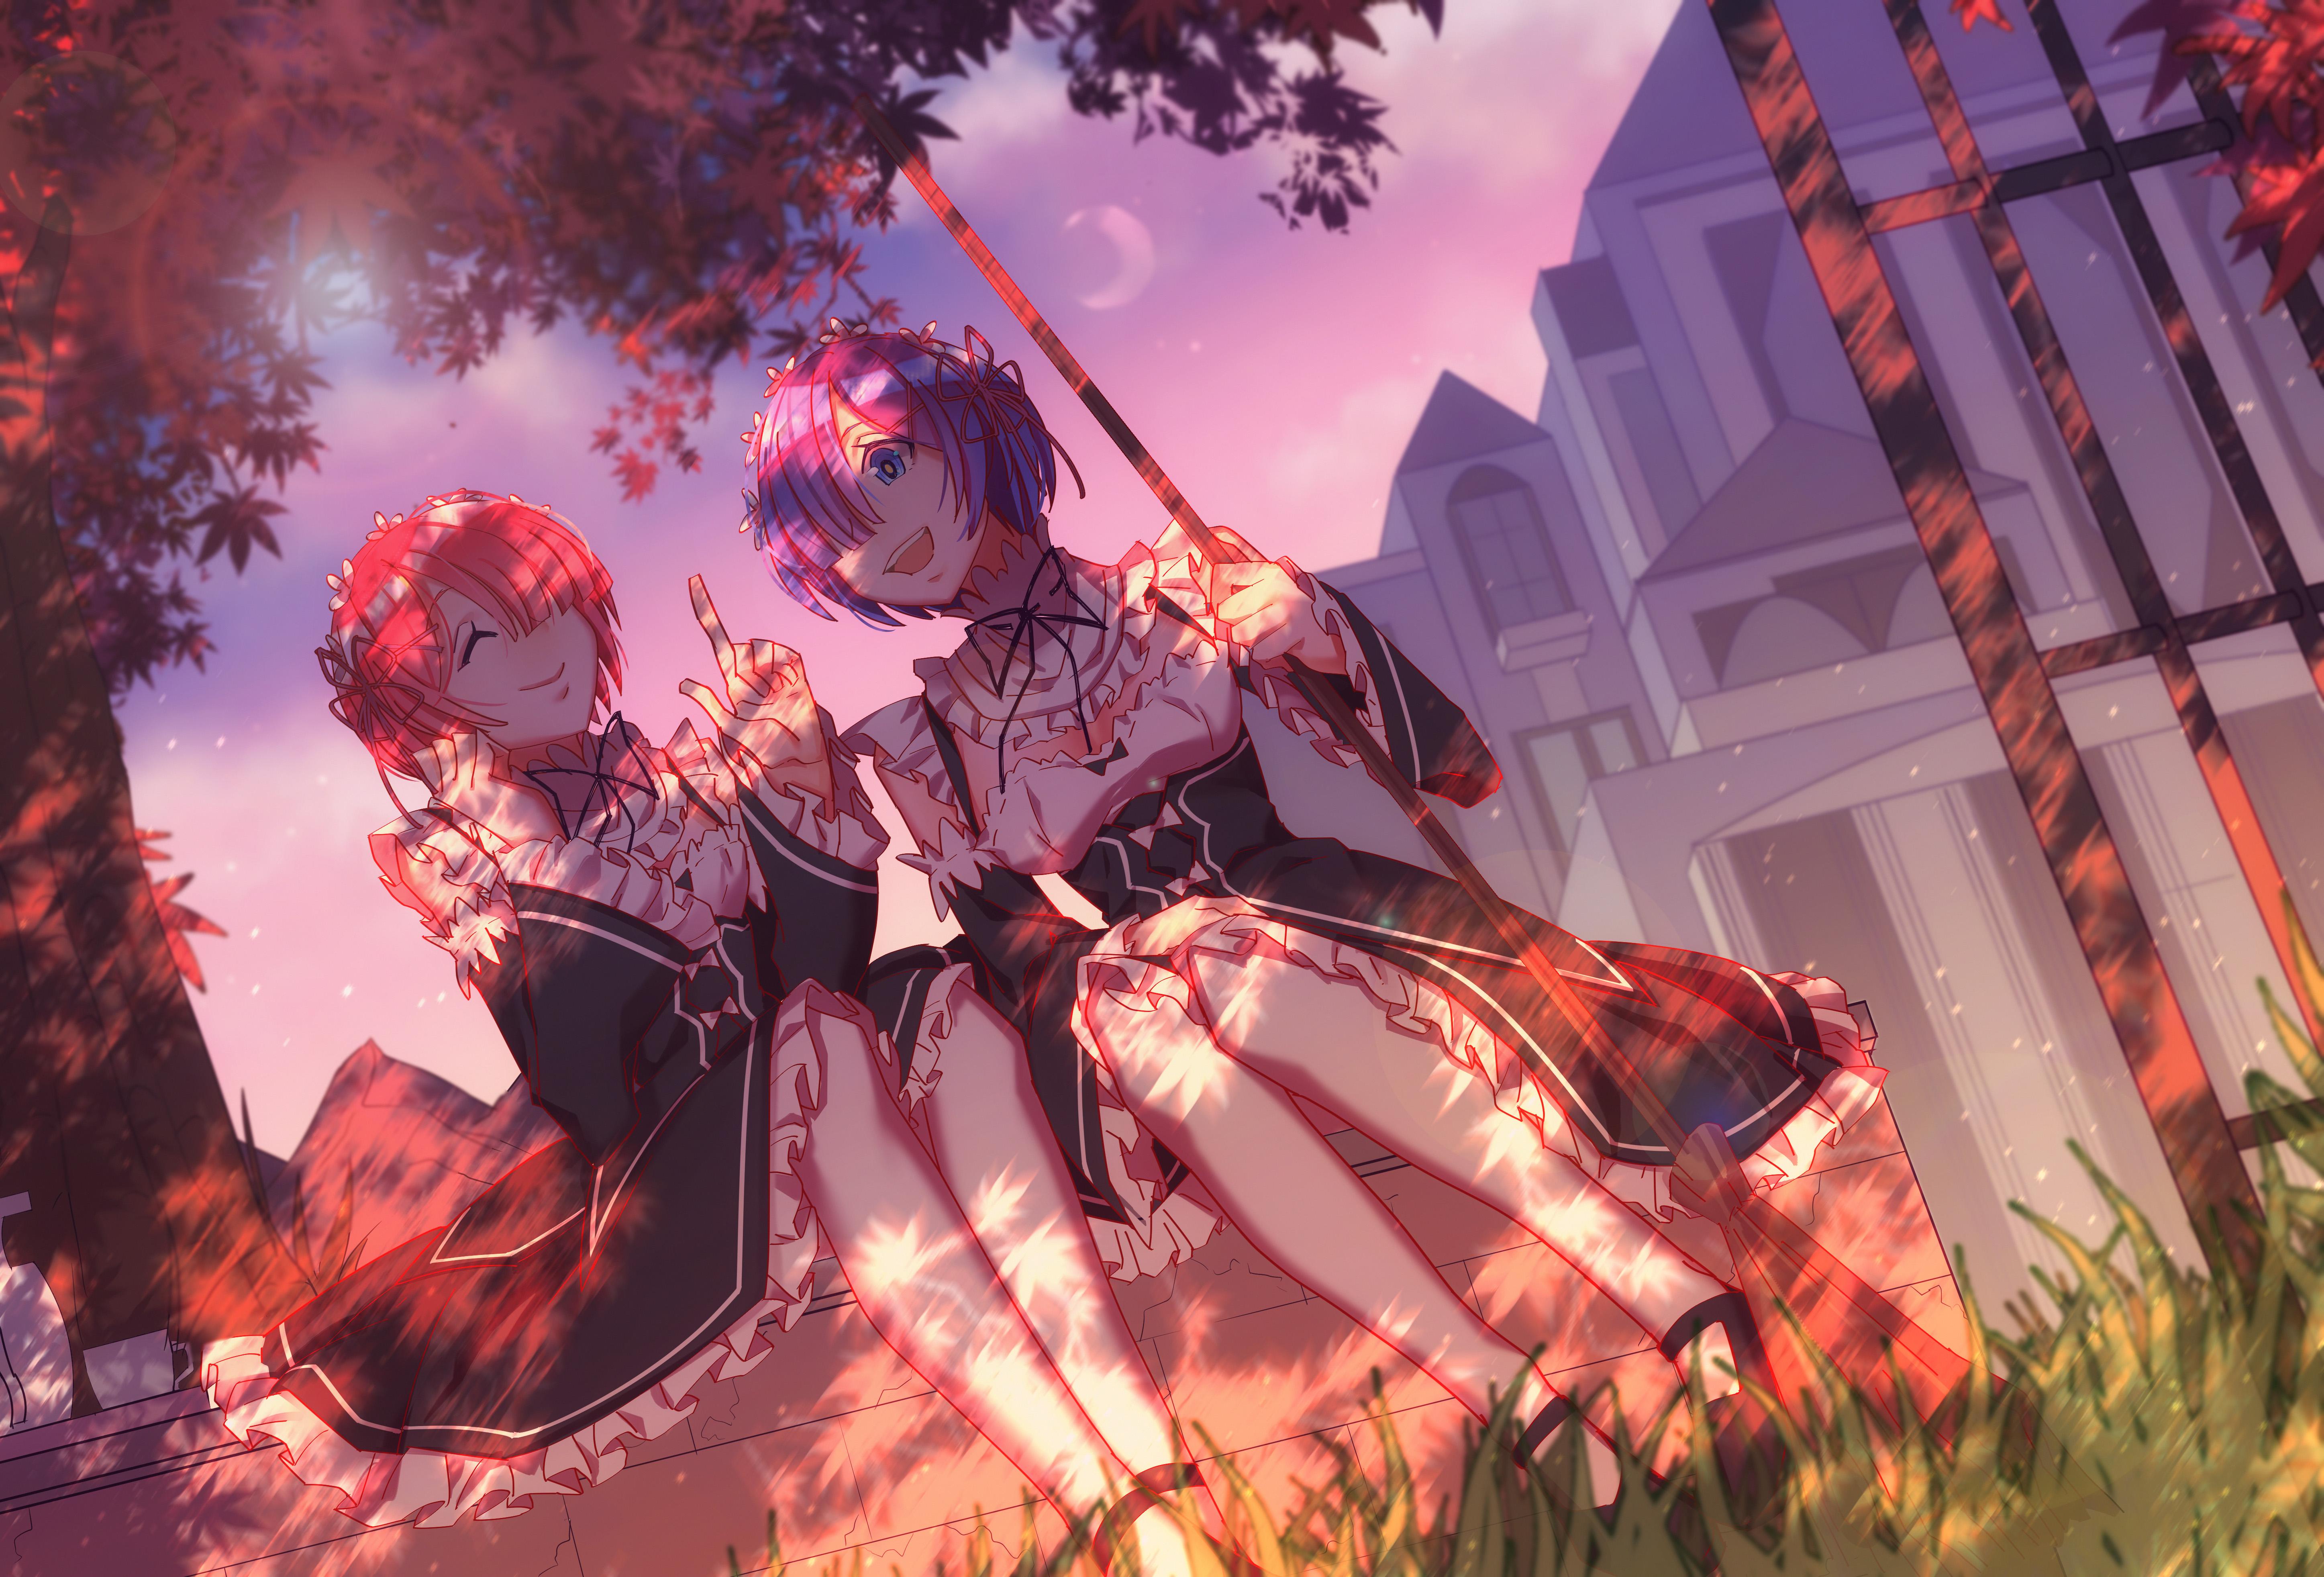 Unduh 90+ Wallpaper Hd Anime Re Zero HD Terbaik